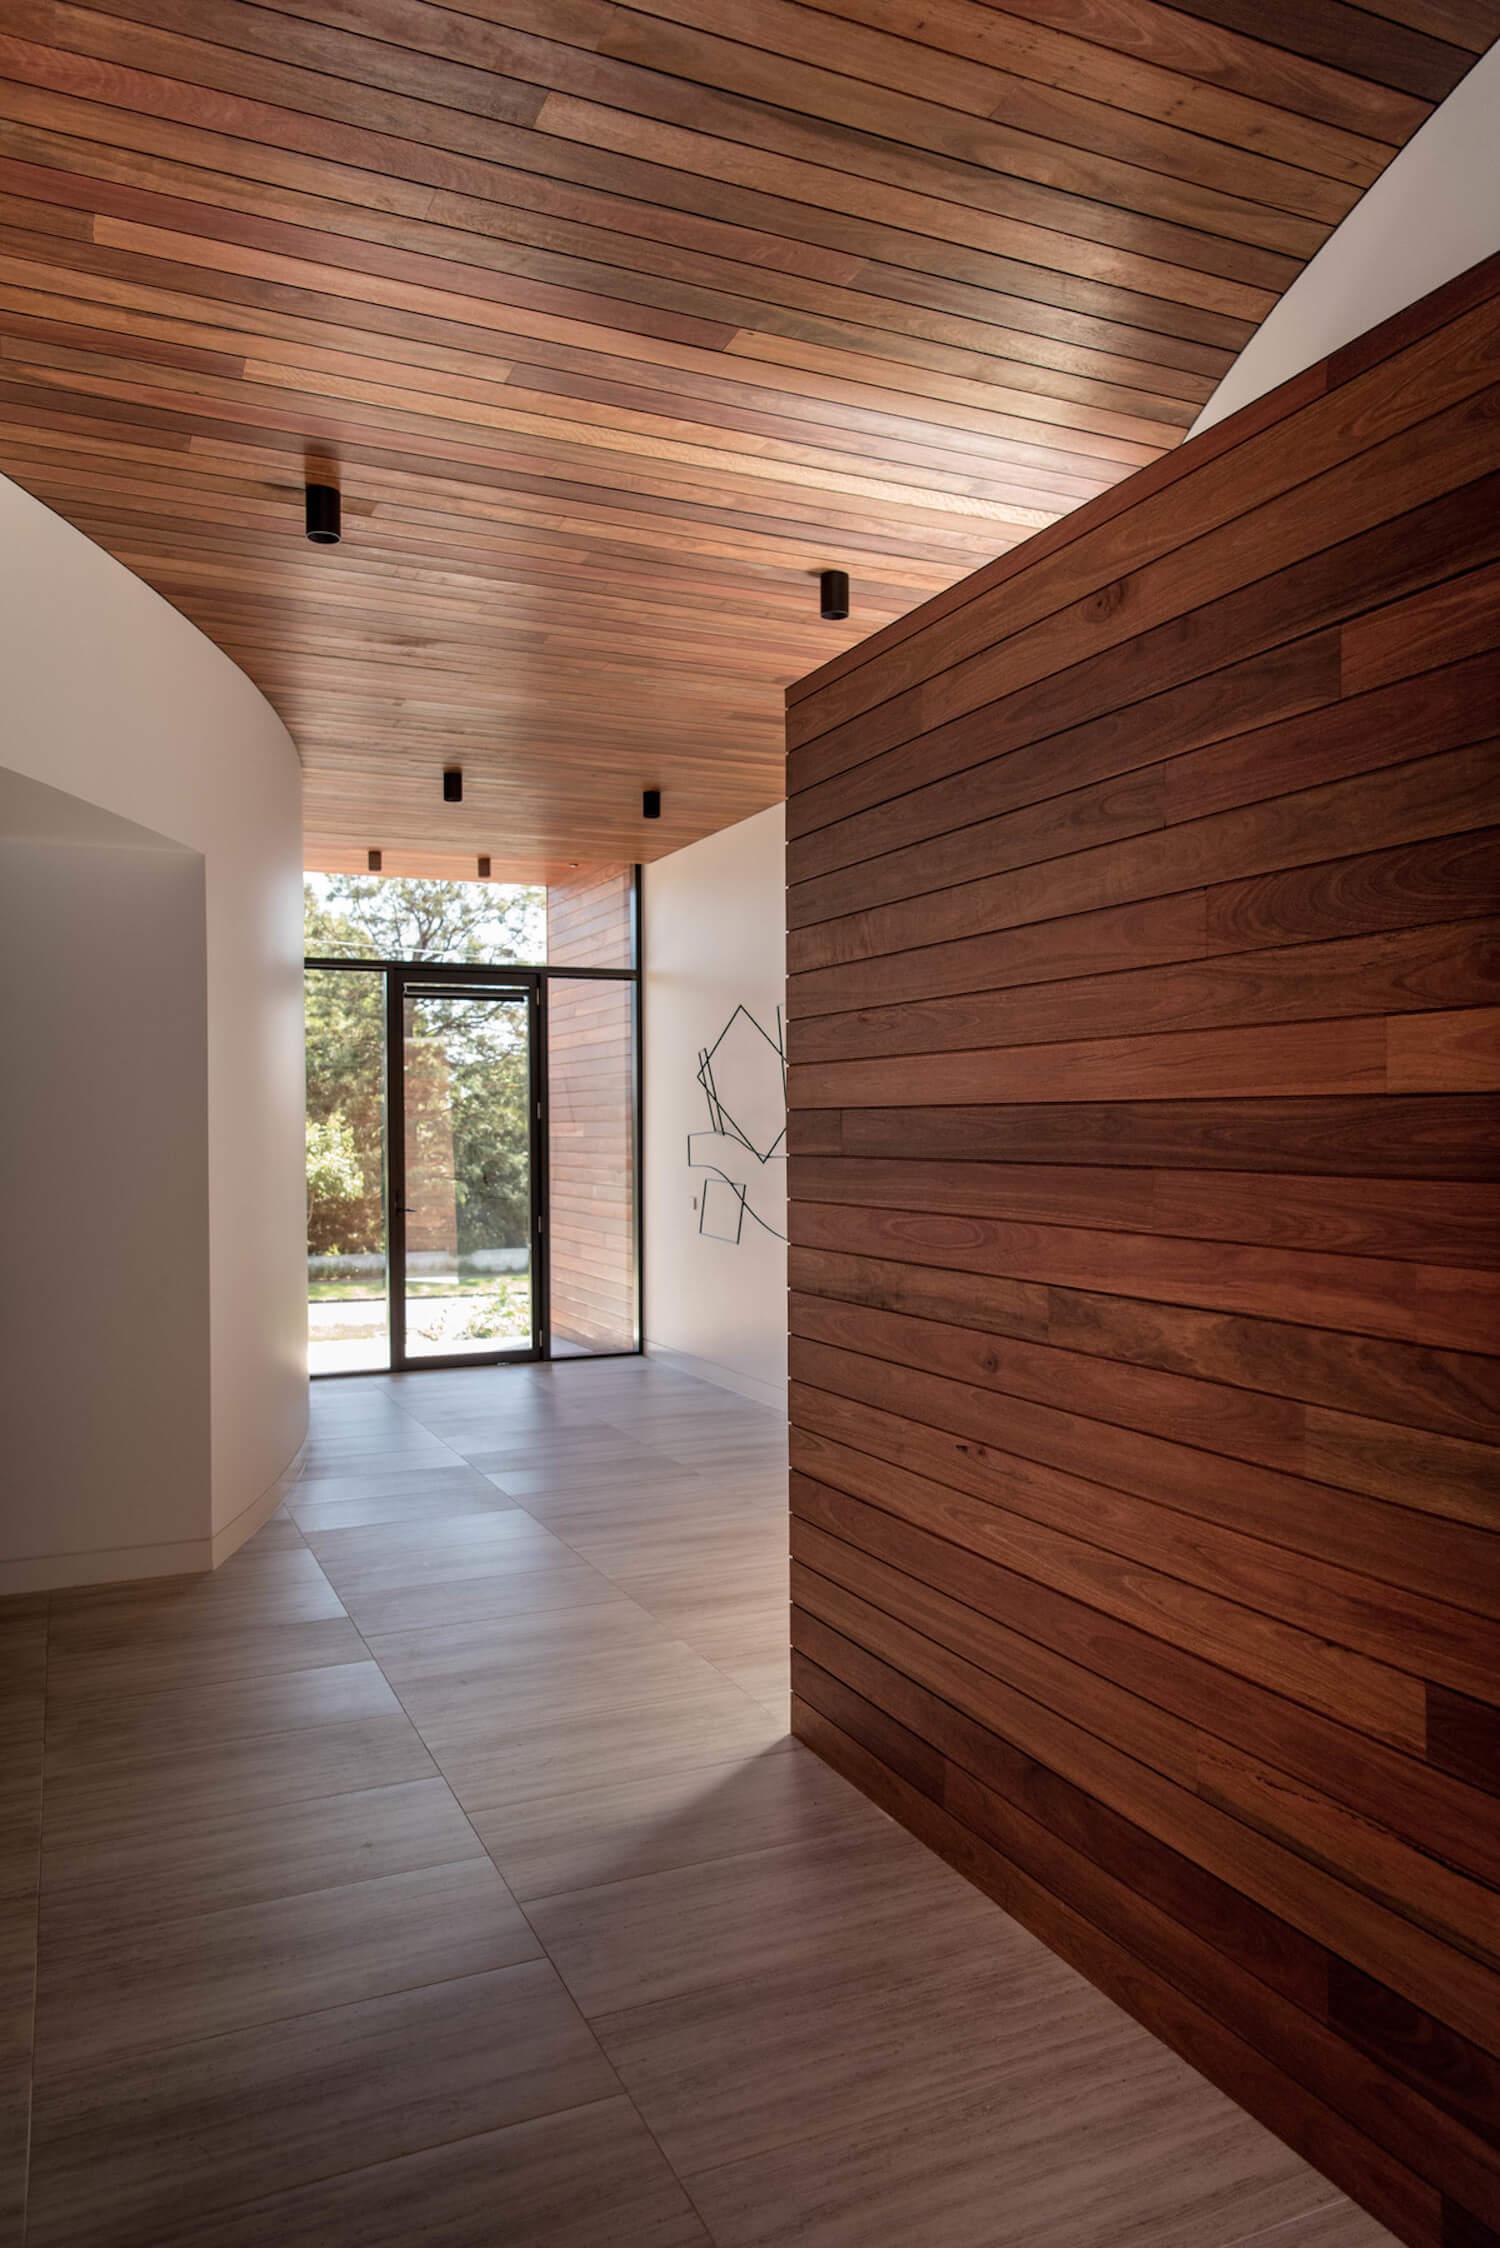 est living interiors ivanhoe home kavellaris urban design 5